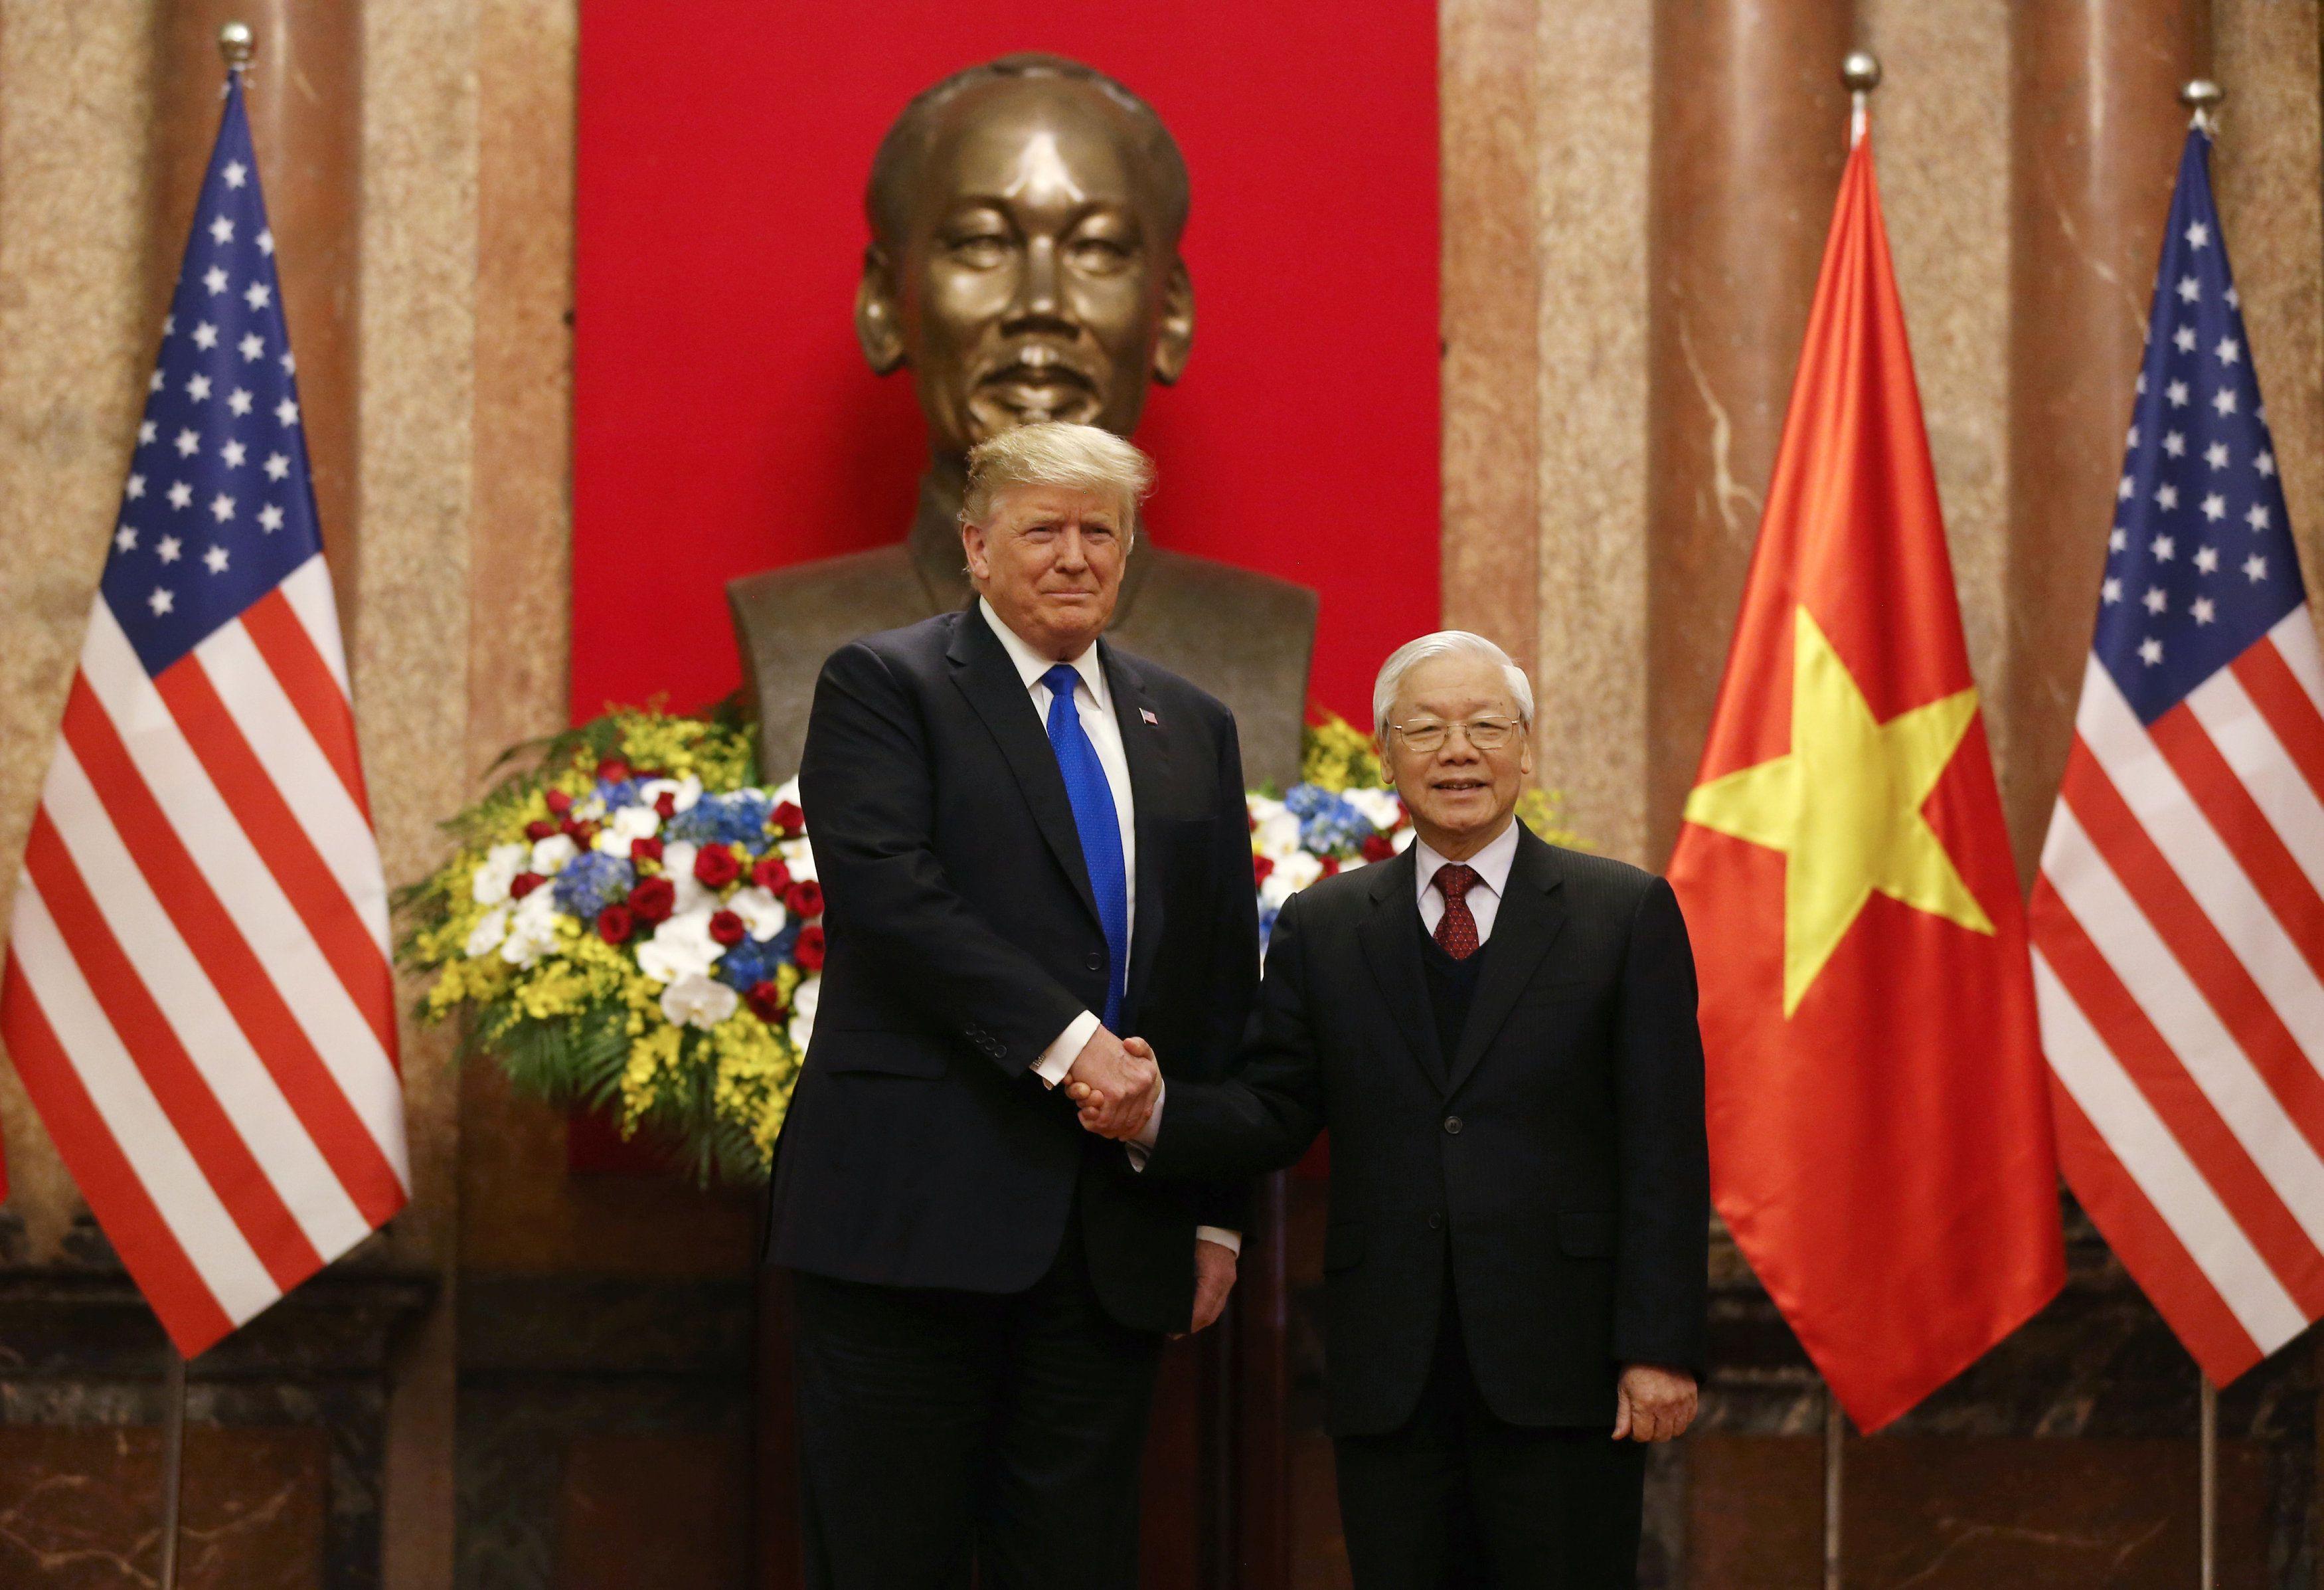 Nhà Trắng đăng ảnh chuyến thăm của ông Trump, ca ngợi quan hệ thương mại với Việt Nam